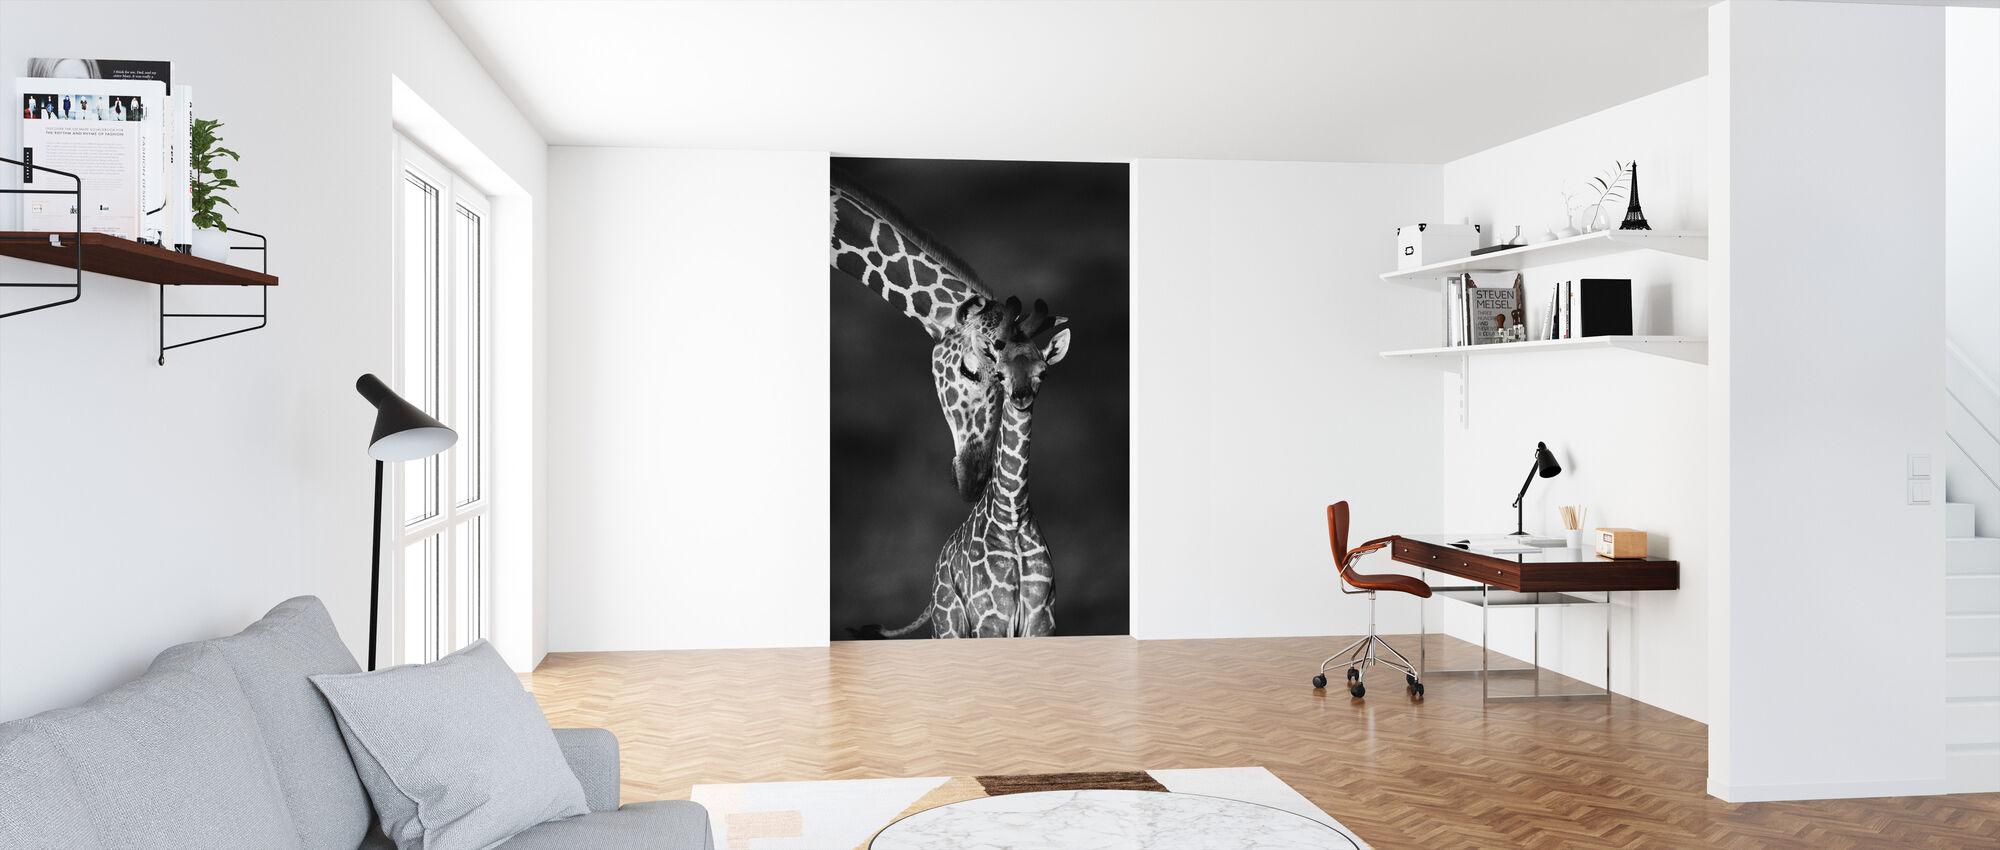 Giraffen - z/w - Behang - Kantoor